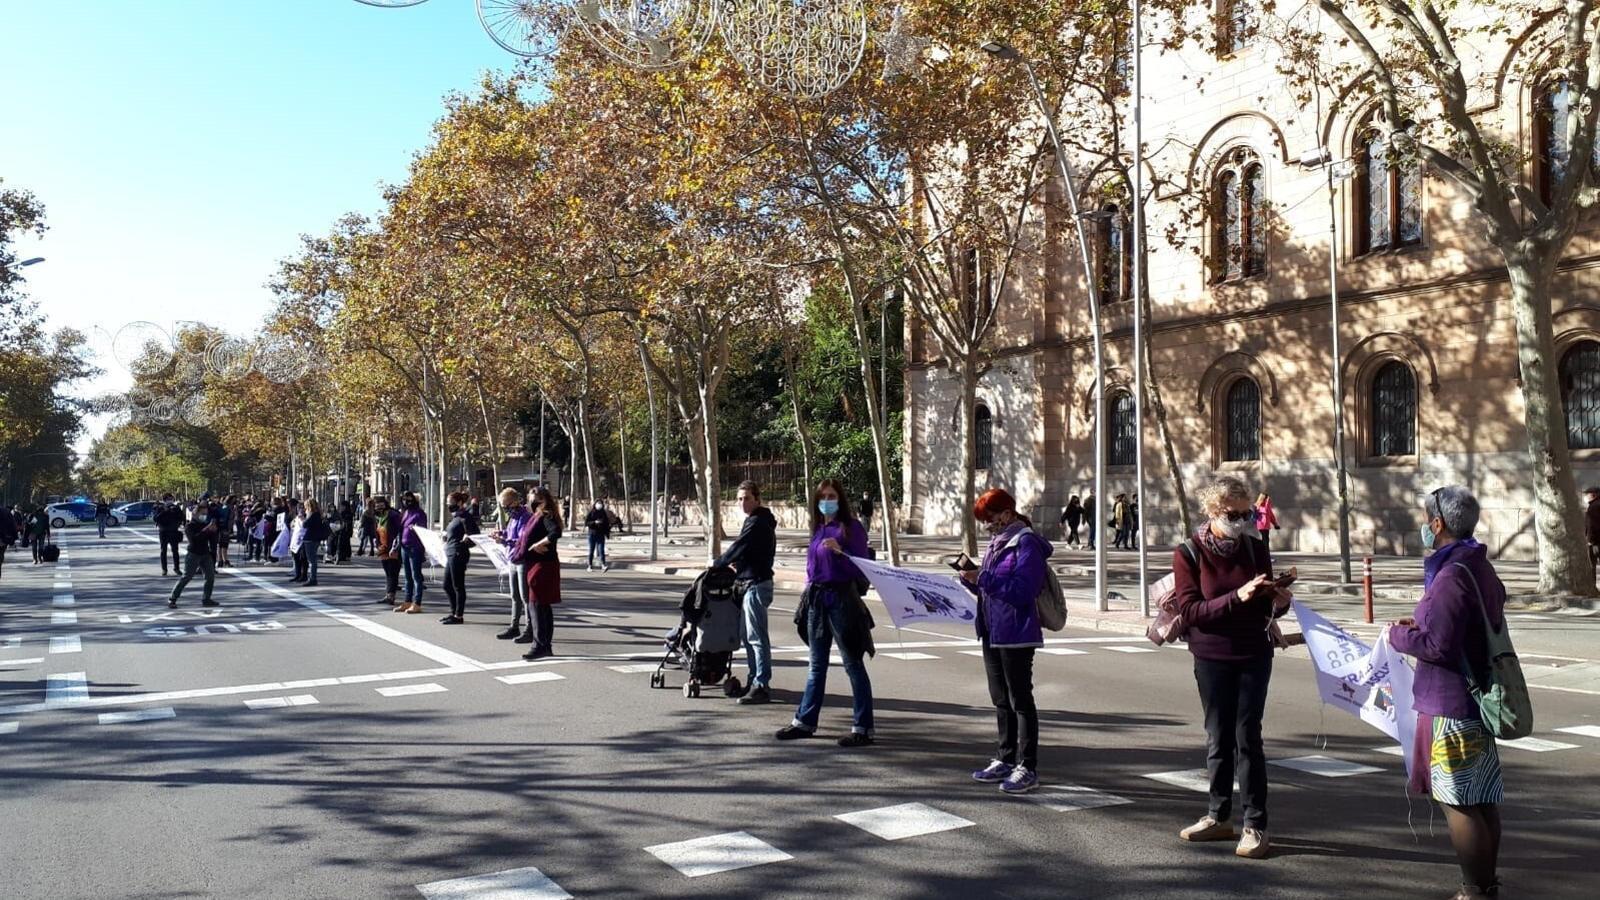 Unes 600 dones formen una cadena humana feminista a la Gran Via de Barcelona pel 25N